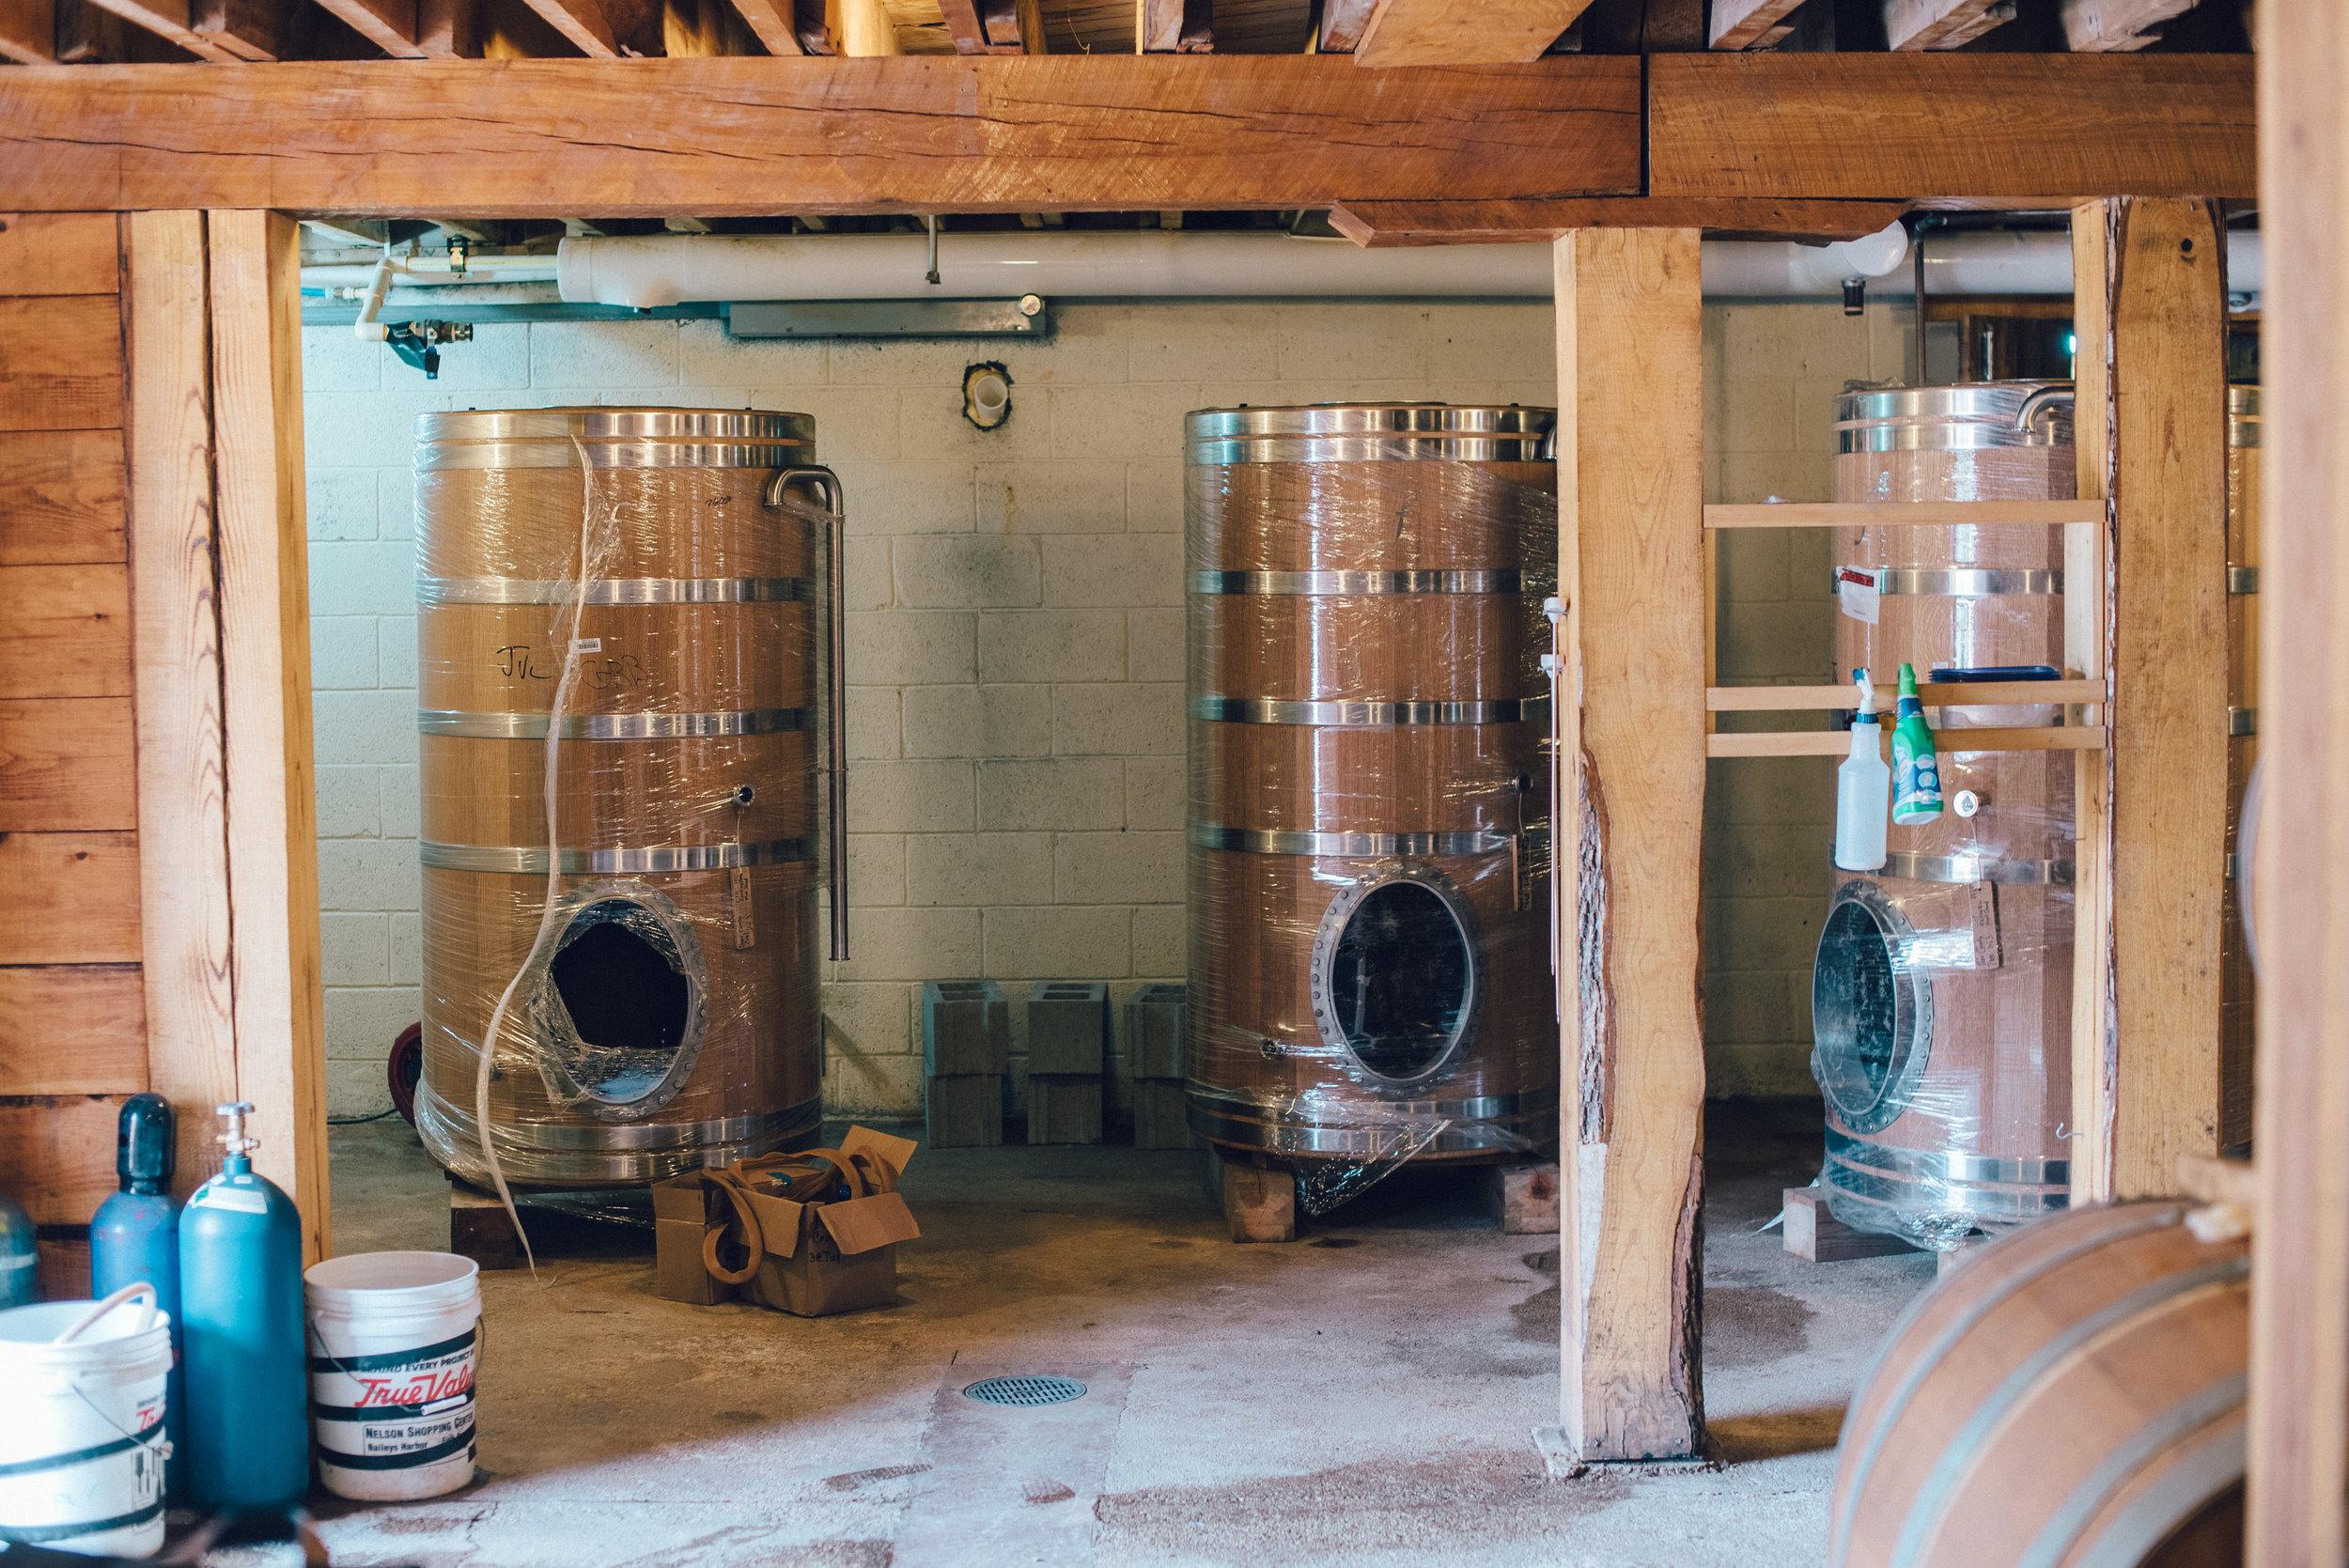 Hacienda-Beer-Co-Foeders-Arrive-7.jpg